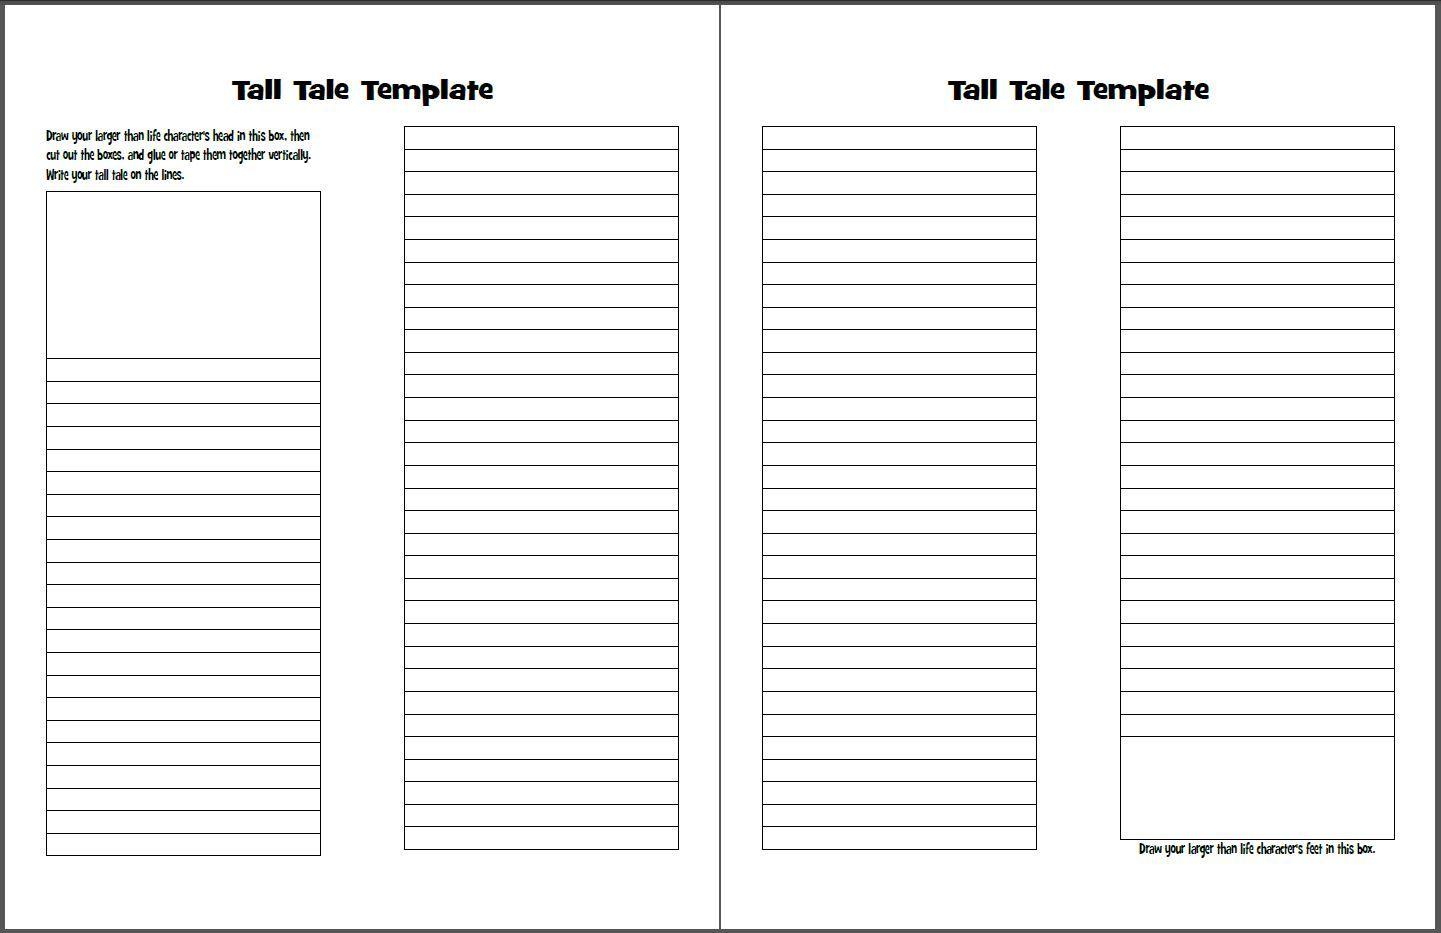 Teaching Tall Tales